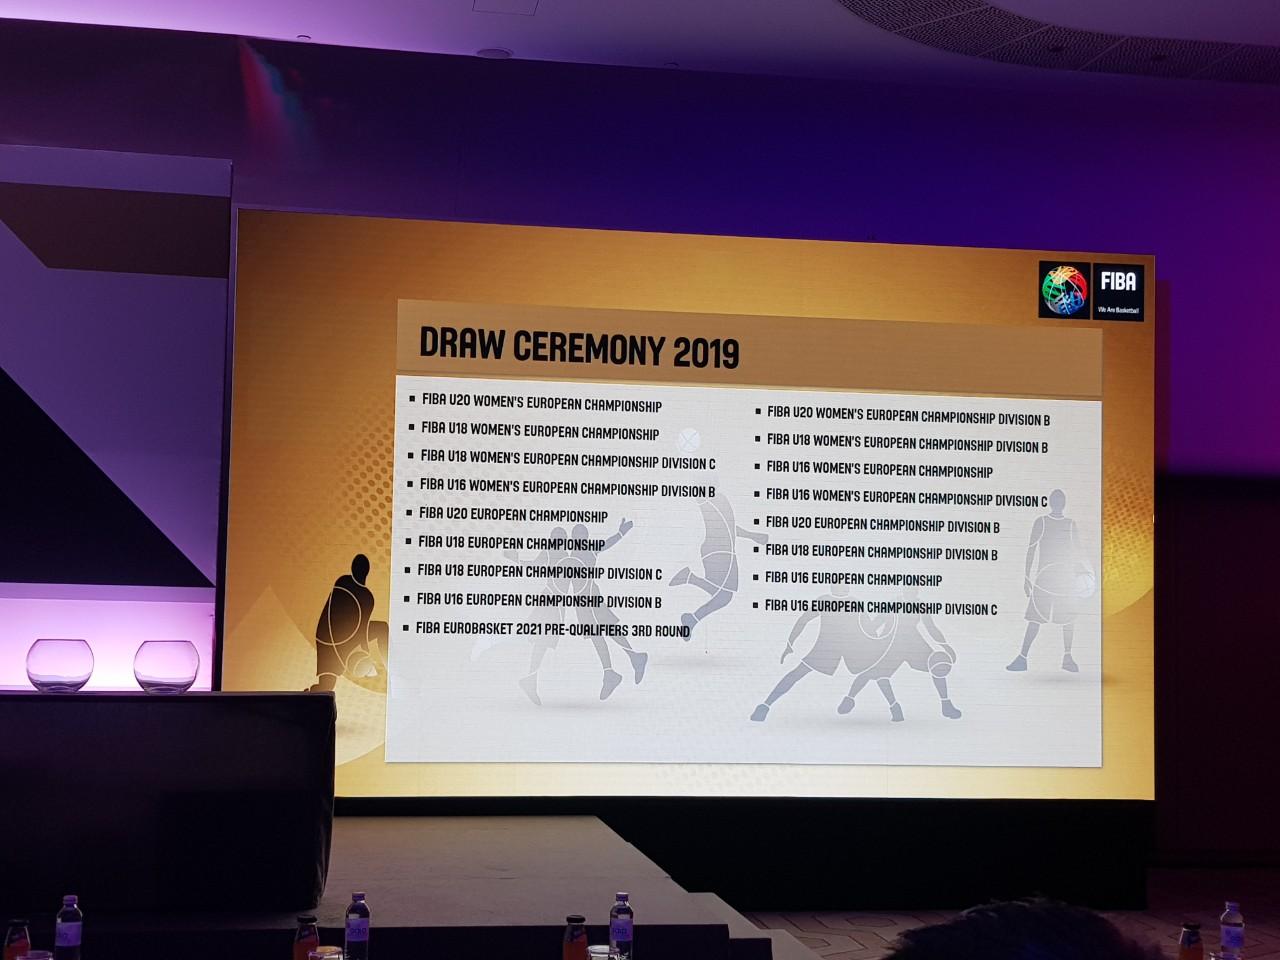 Извлечени групите за сите младински европски првенства кои ќе се одиграат во 2019 година